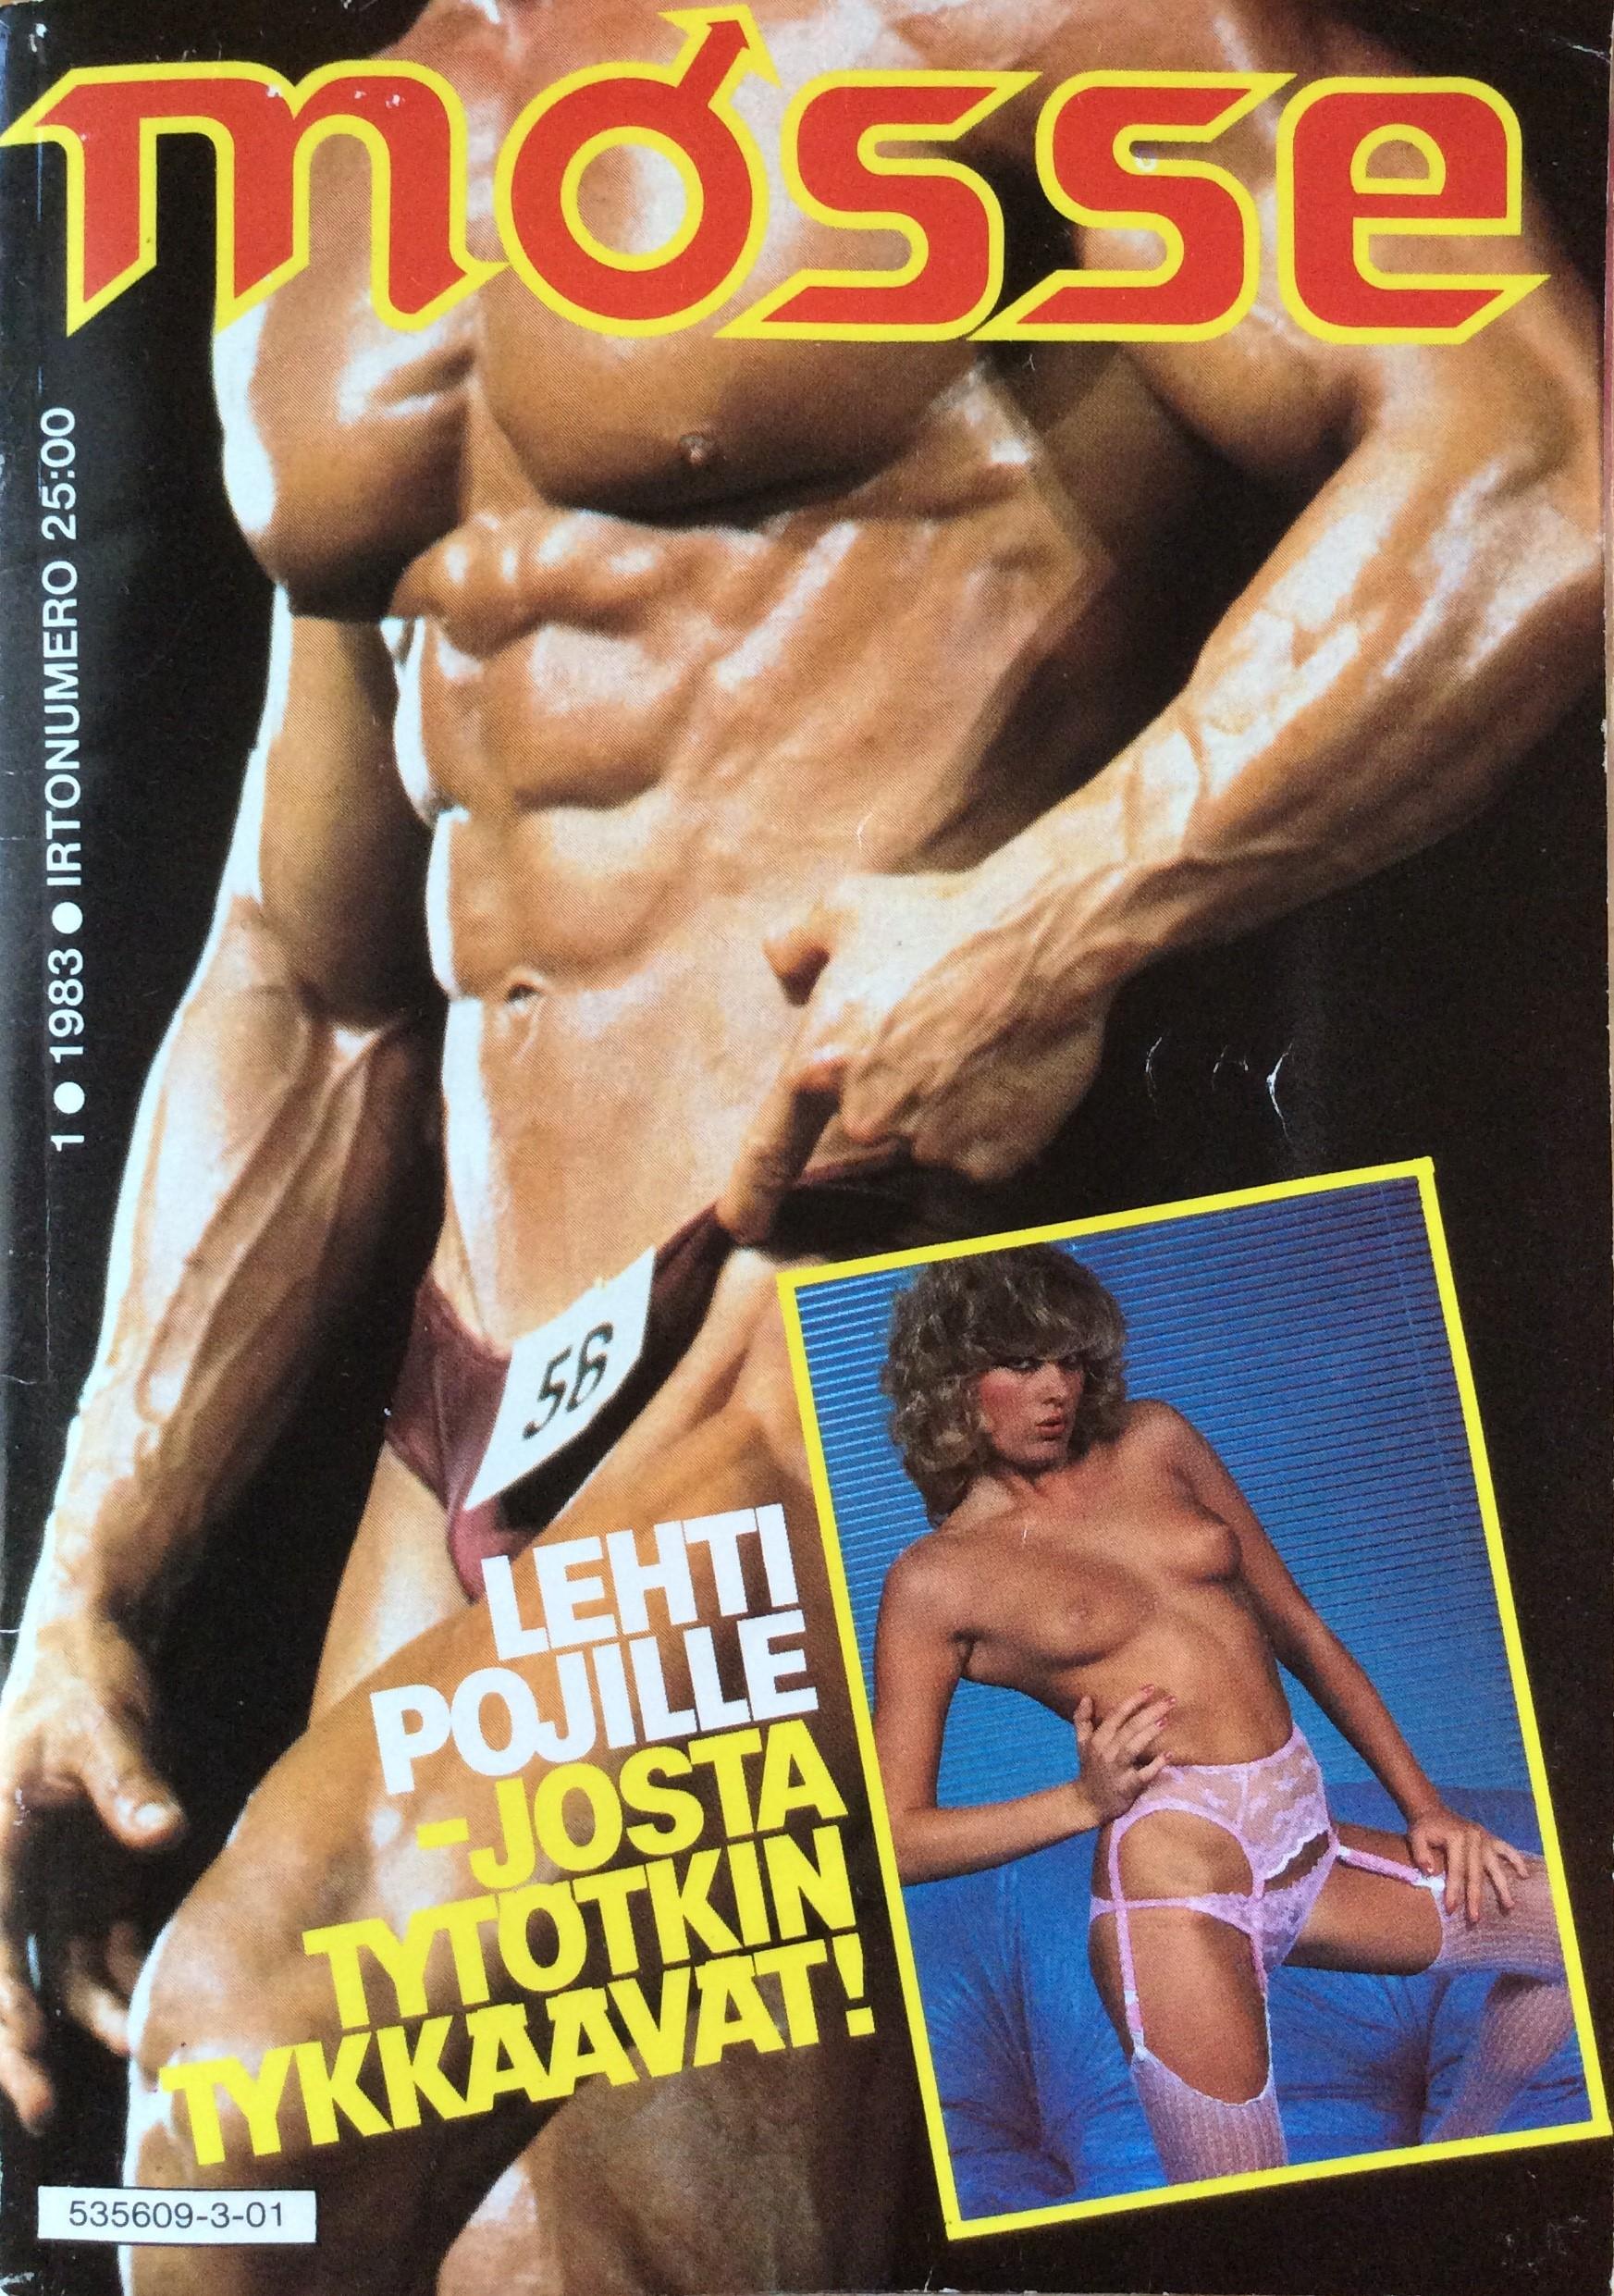 Mosse-lehden kansi, numero 1 vuodelta 1983. Kansikuvassa kehorakentajan paljas torso ja sen päällä pienempi valokuva henkilöstä, jolla yllään vain vaaleanpunaisen pitsialusasun alaosa ja jonka rinnat ovat paljaina.